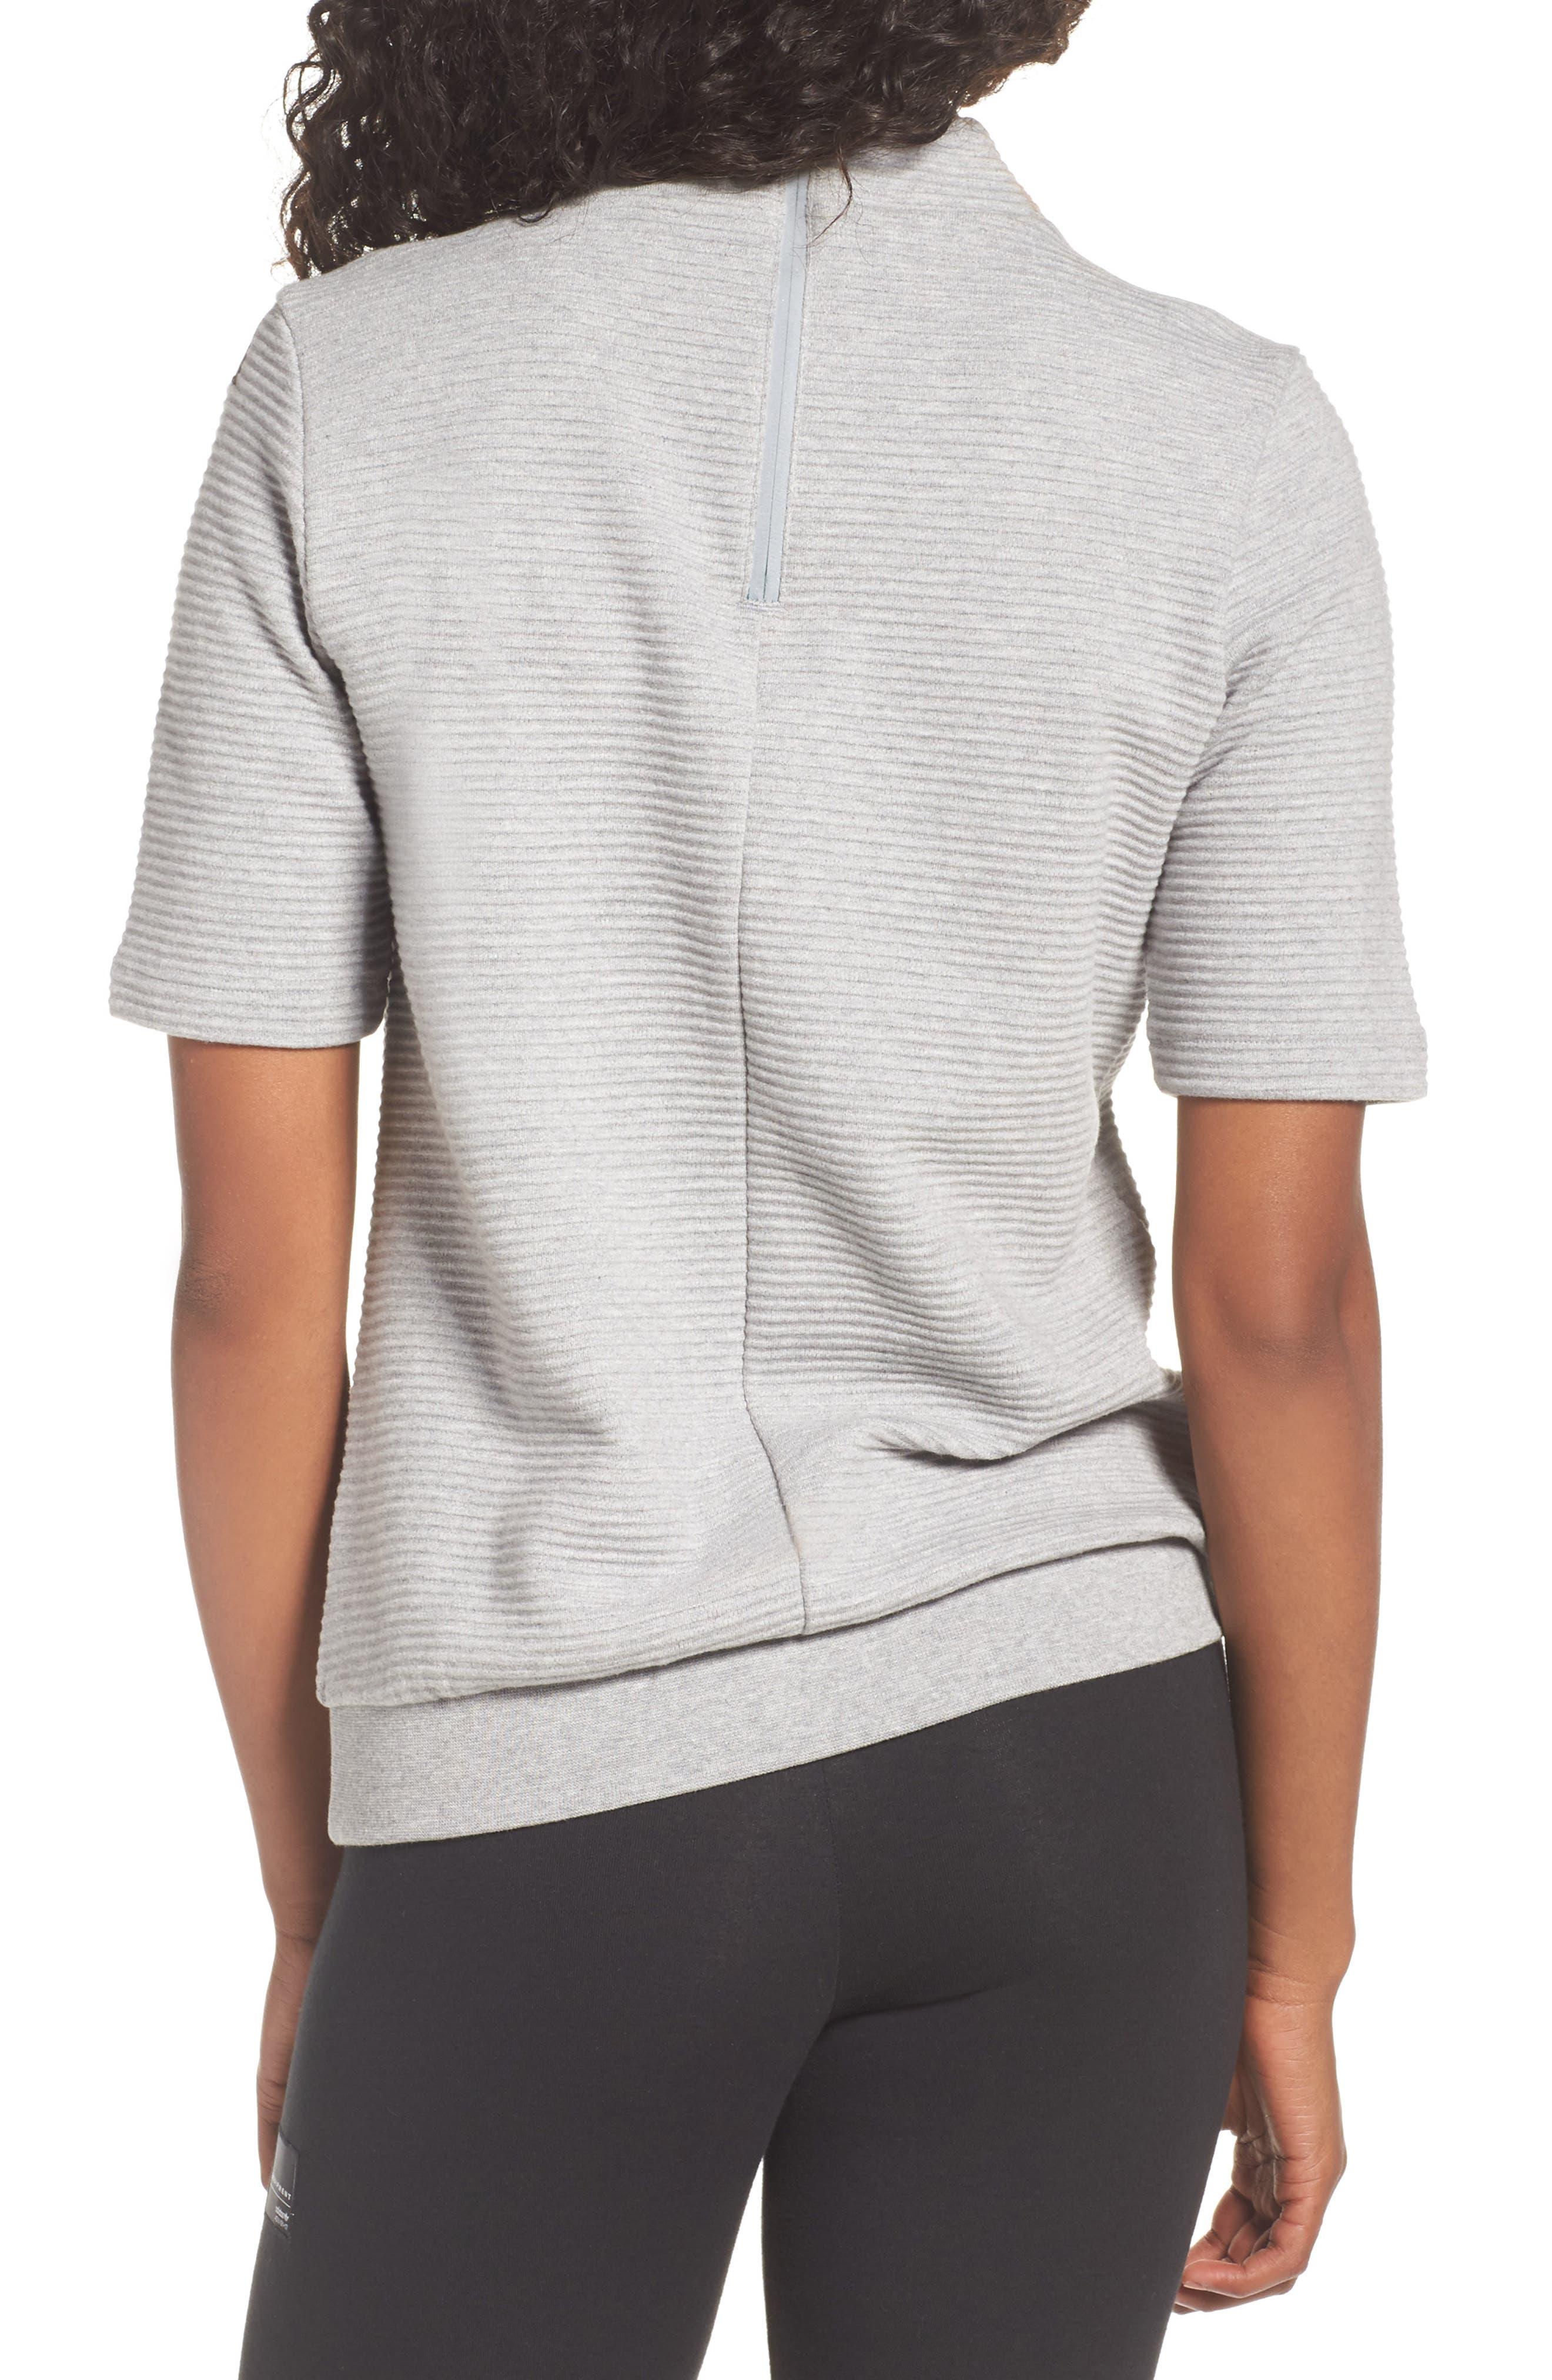 Originals EQT Sweatshirt,                             Alternate thumbnail 2, color,                             Medium Grey Heather